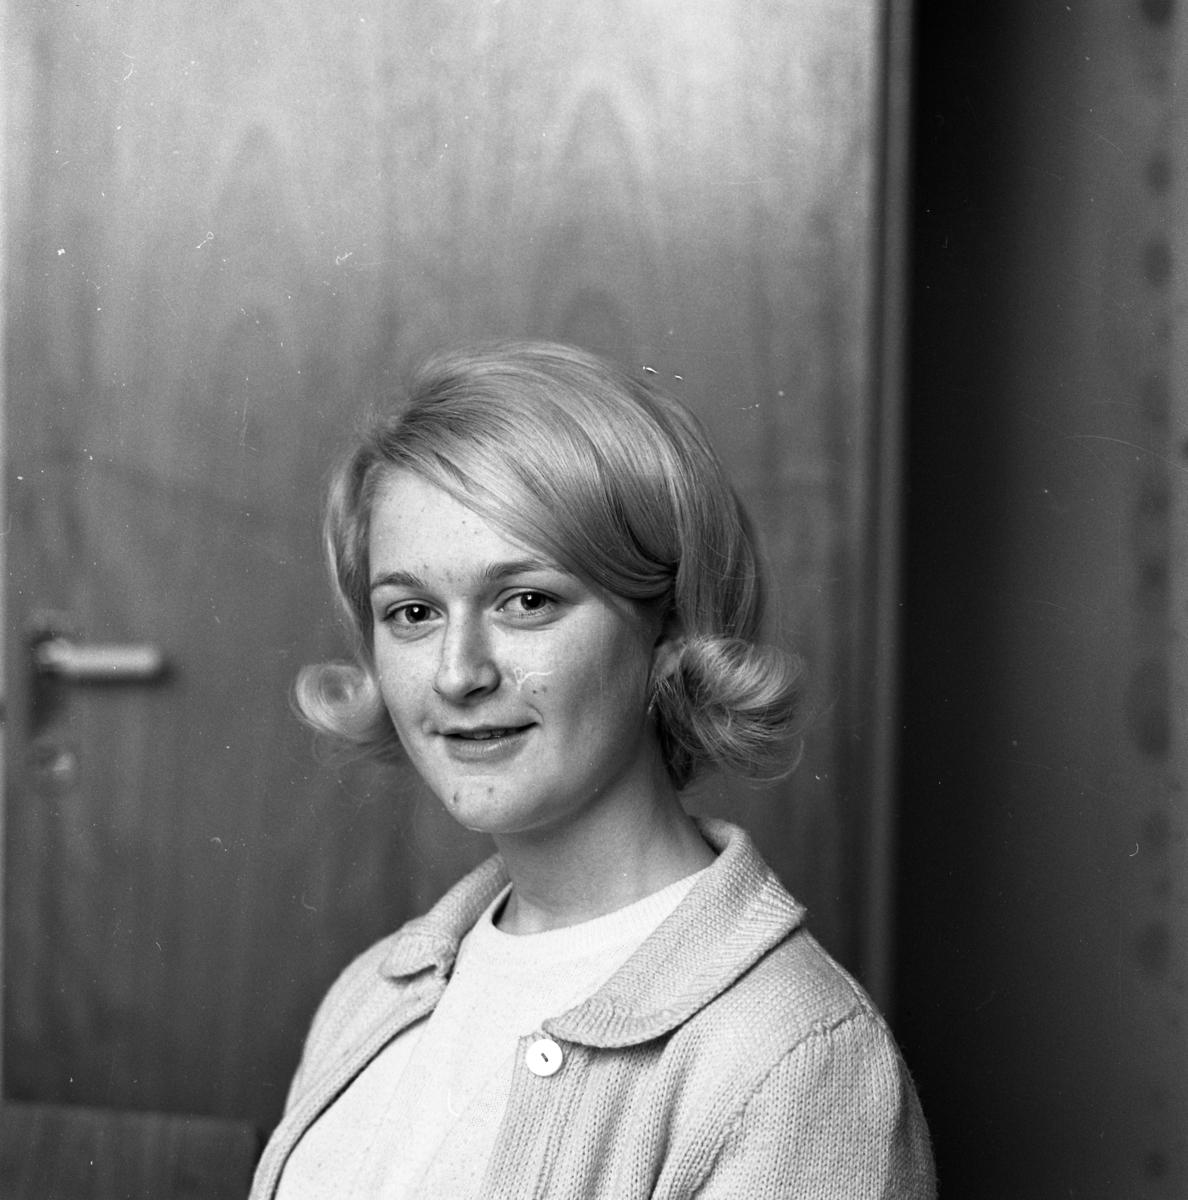 Årets Lucia 1965; Ann-Britt Gustafsson Porträtt av ung kvinna